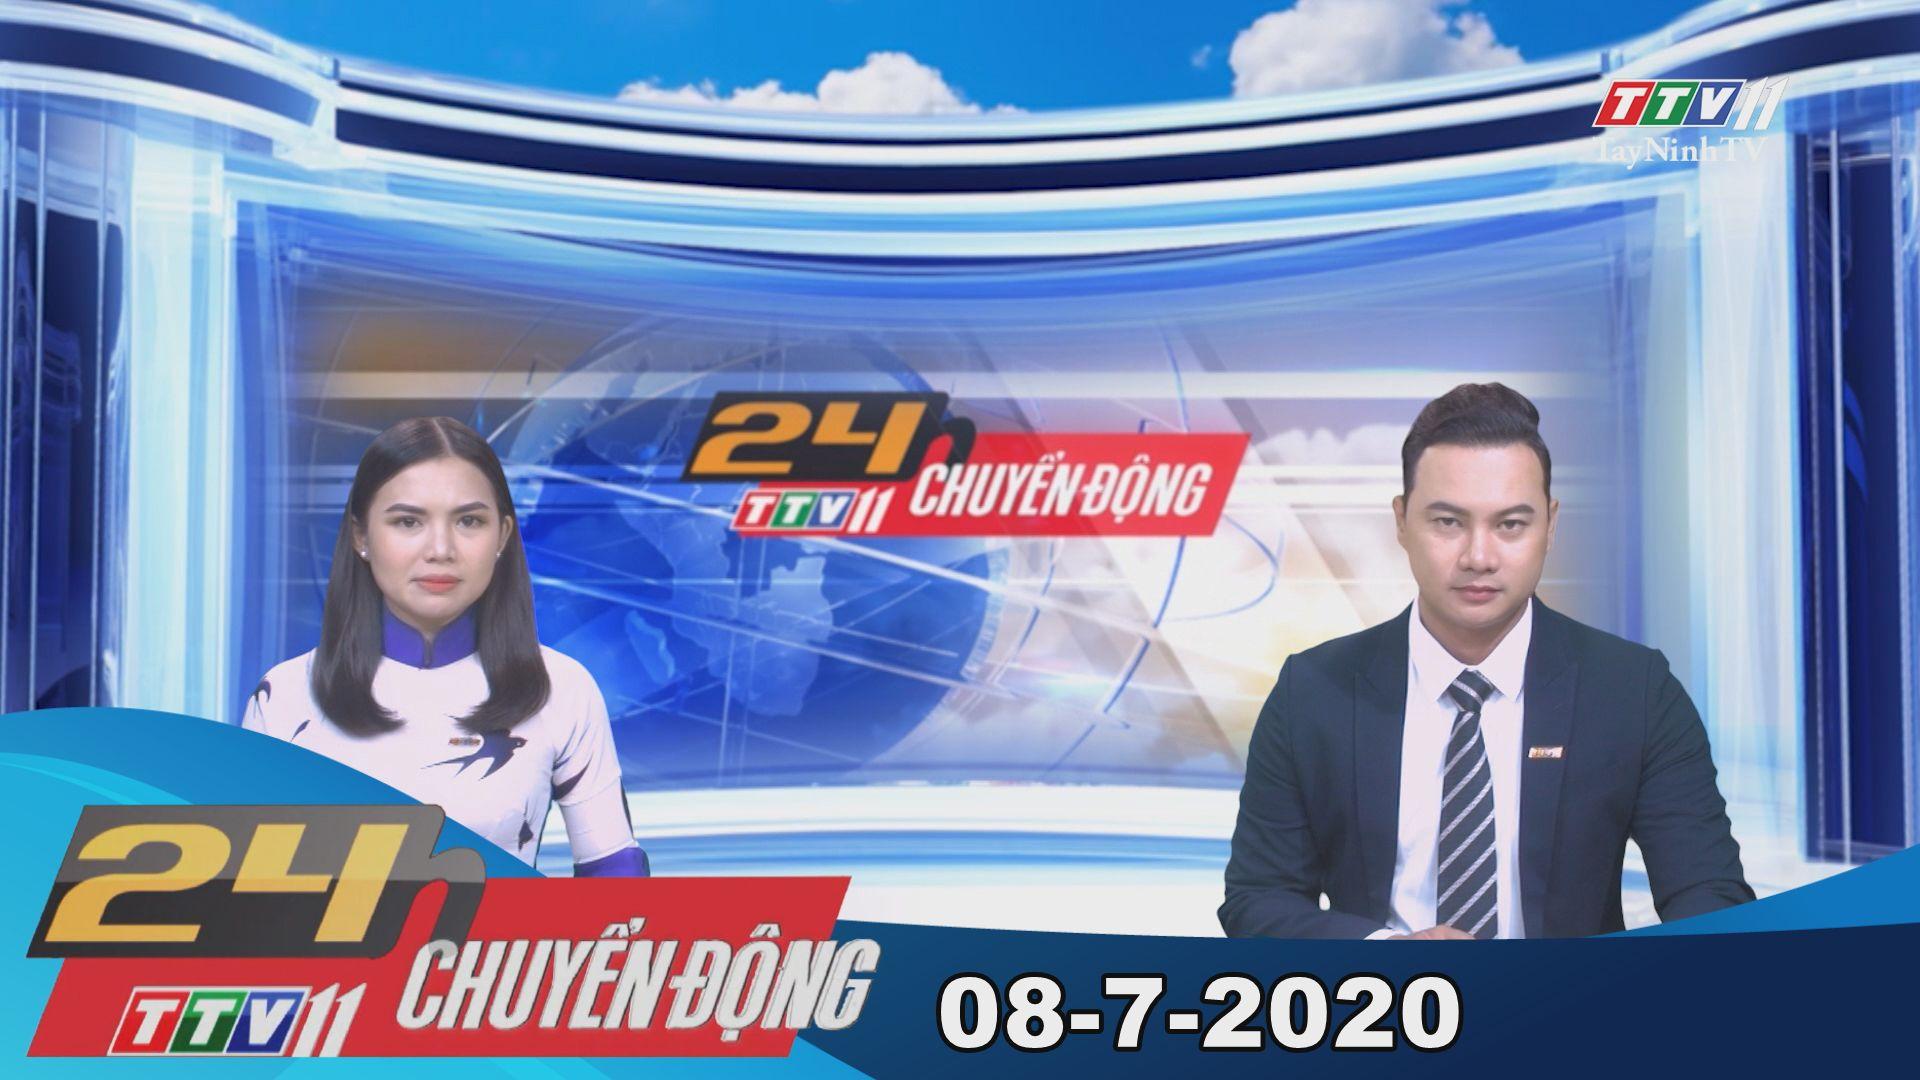 24h Chuyển động 08-7-2020 | Tin tức hôm nay | TayNinhTV